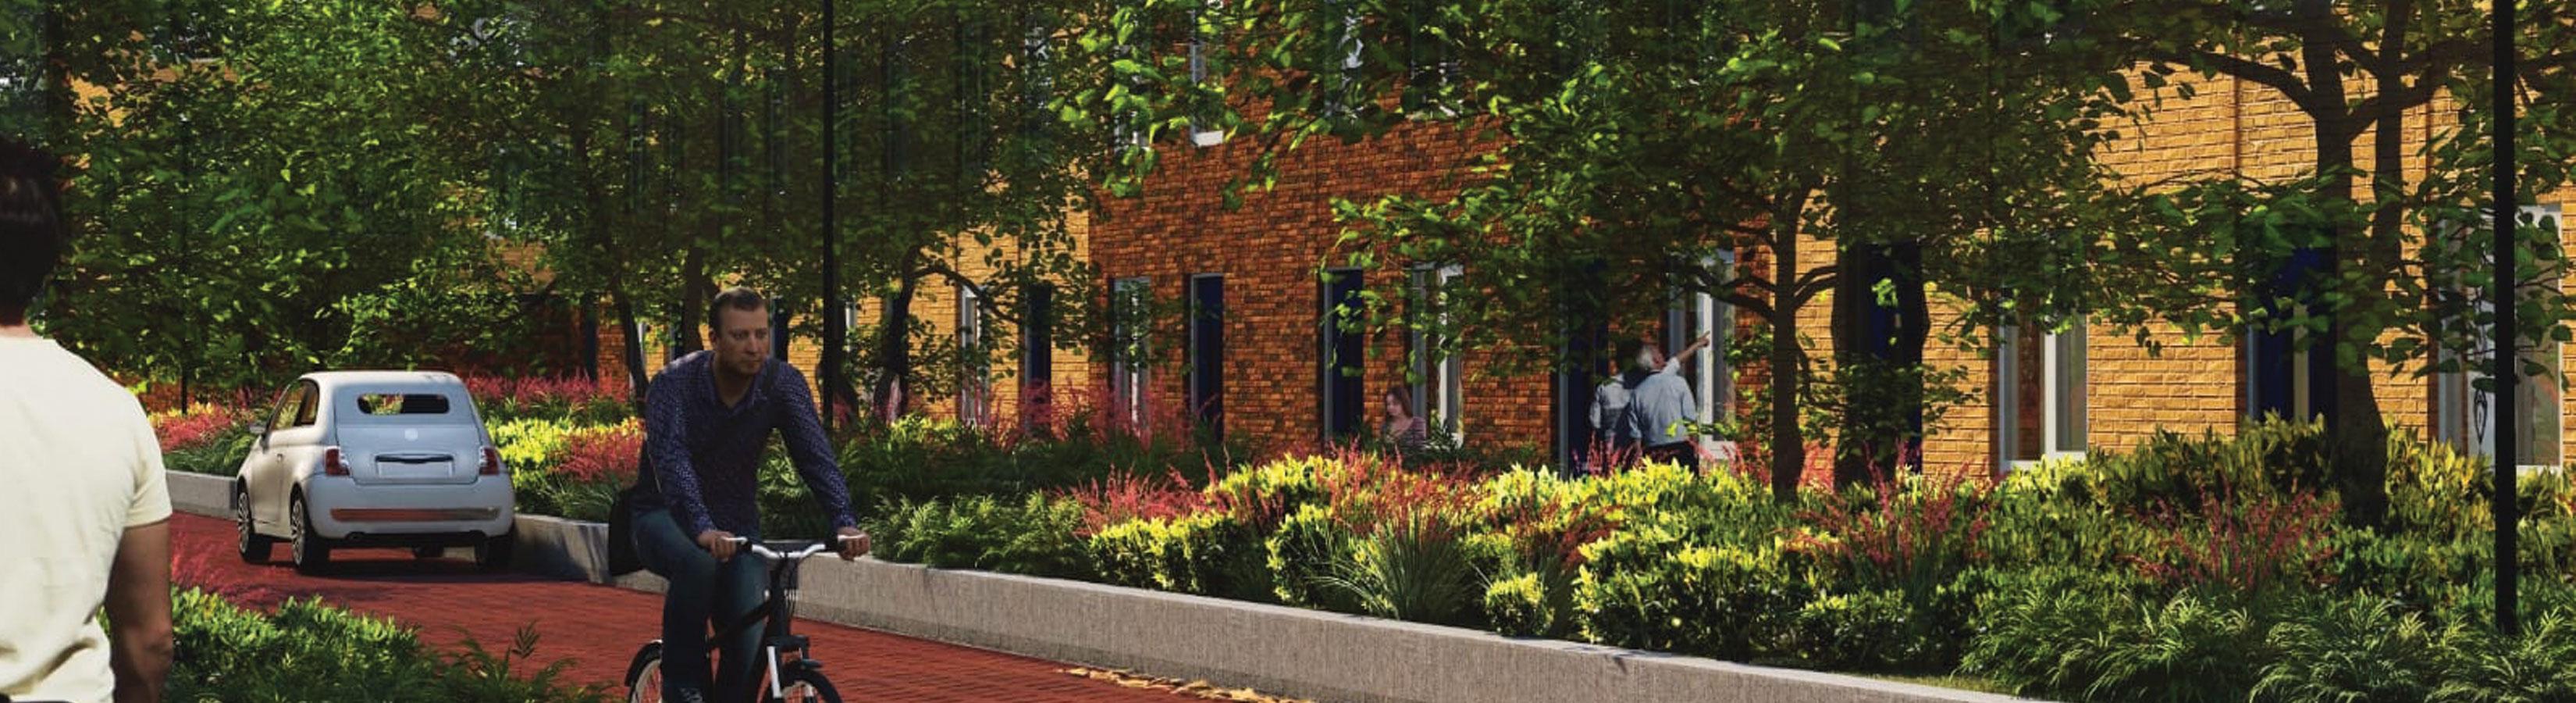 Nieuwbouwproject-Hof-van-Leijh-Haarlem-21-gezinswoningen